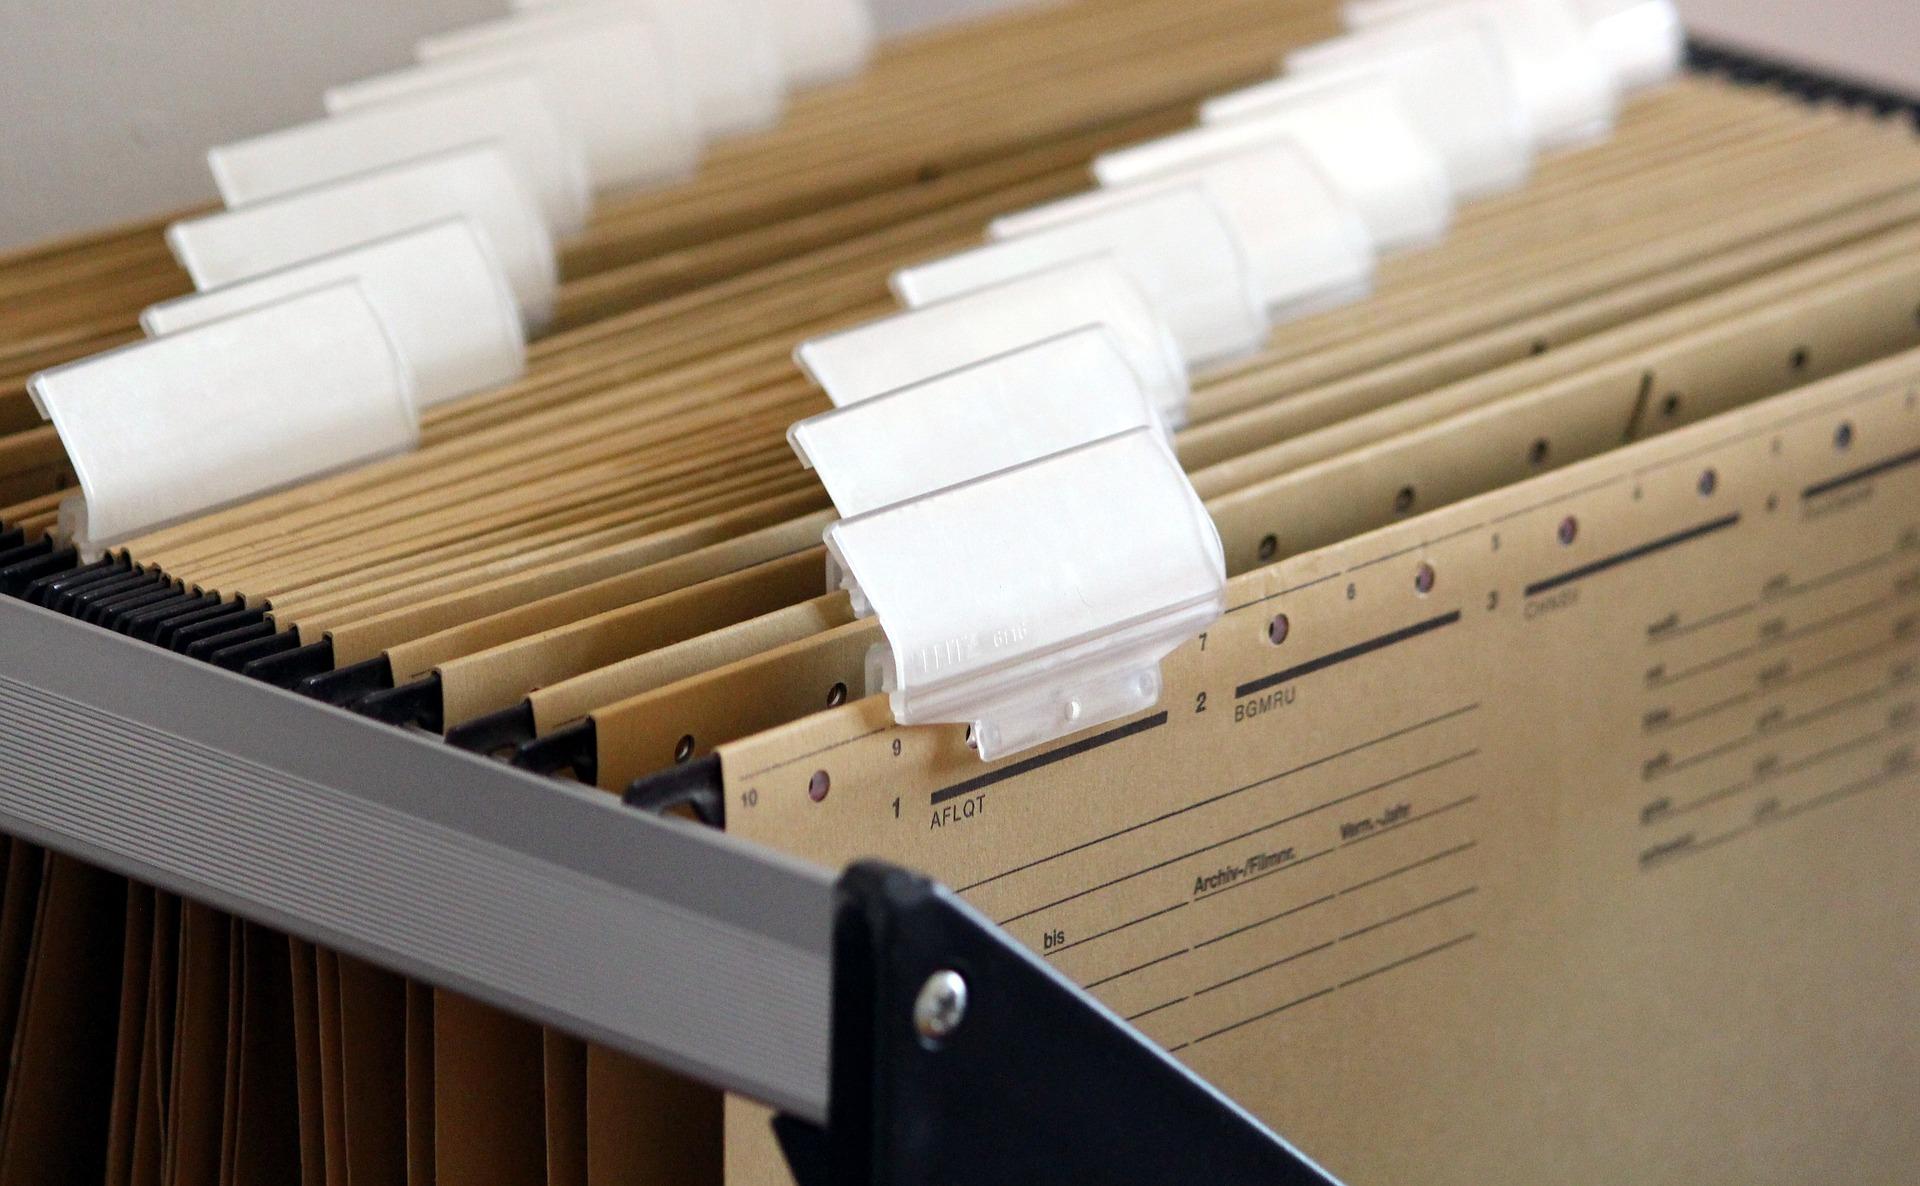 Cum sa fii organizat la birou, cu ajutorul unui fiset metalic?